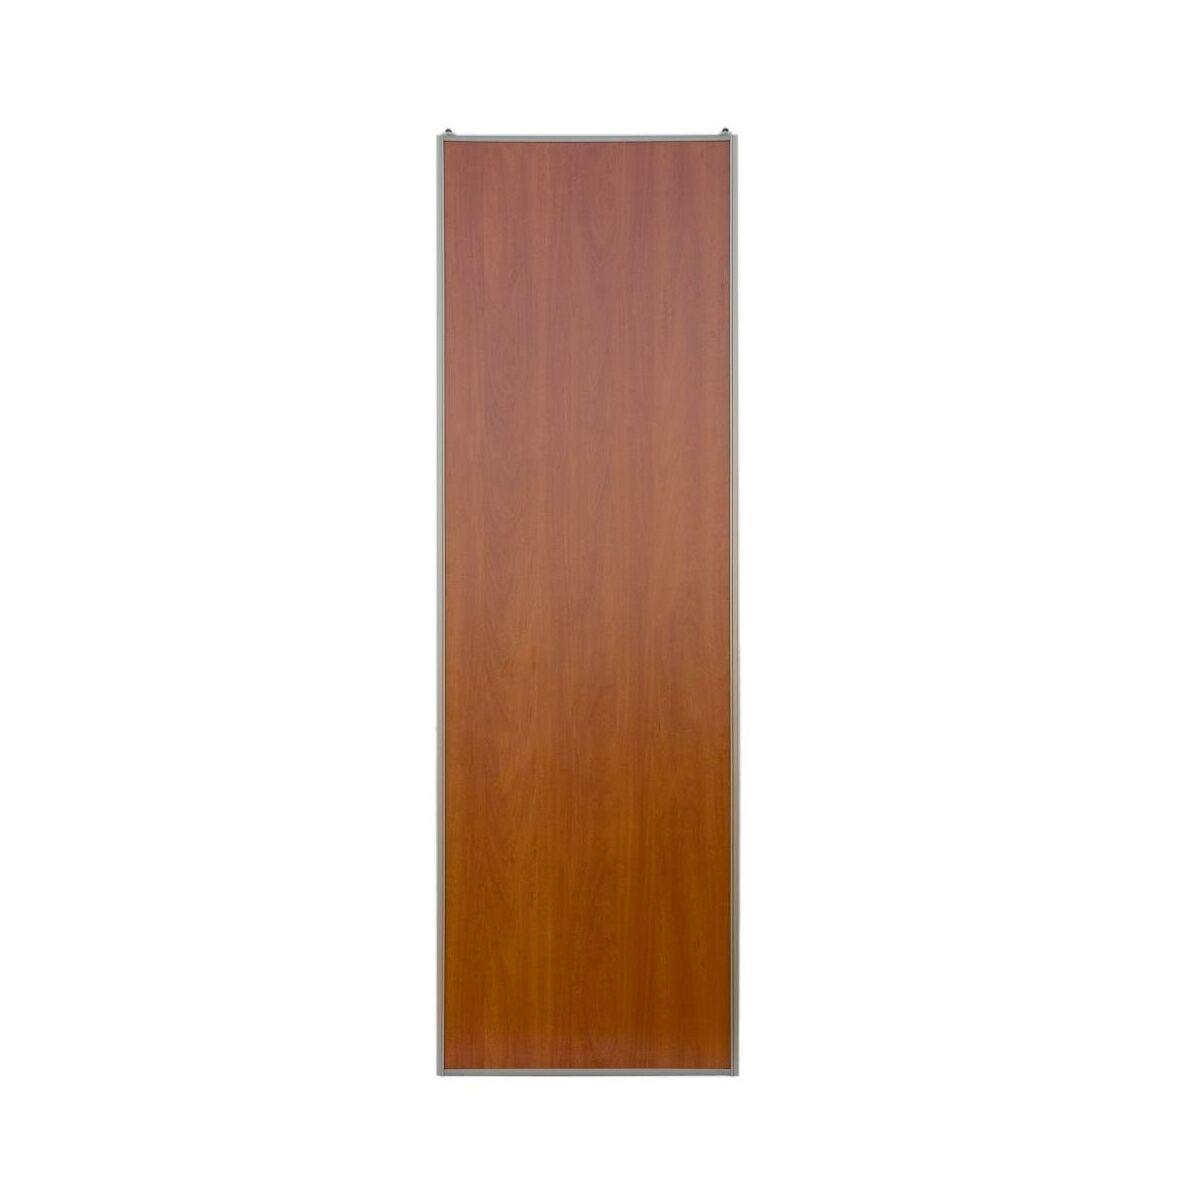 drzwi przesuwne do szafy satyna expodem drzwi przesuwne w atrakcyjnej cenie w sklepach leroy. Black Bedroom Furniture Sets. Home Design Ideas